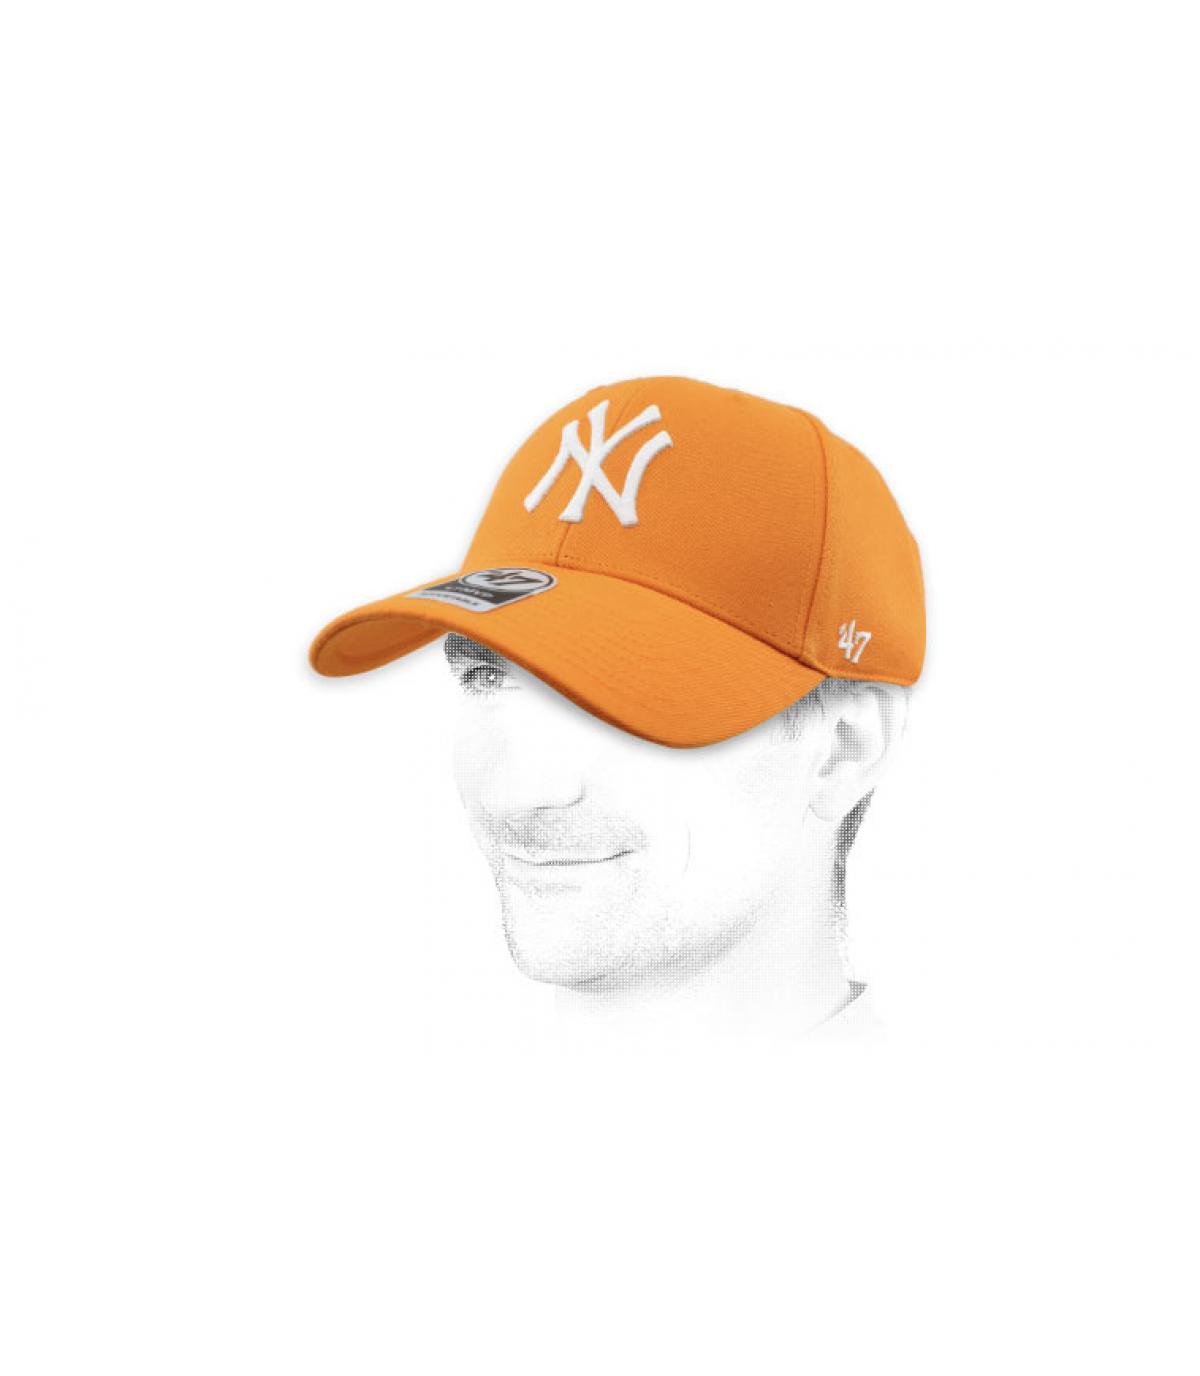 gorra NY naranja 47